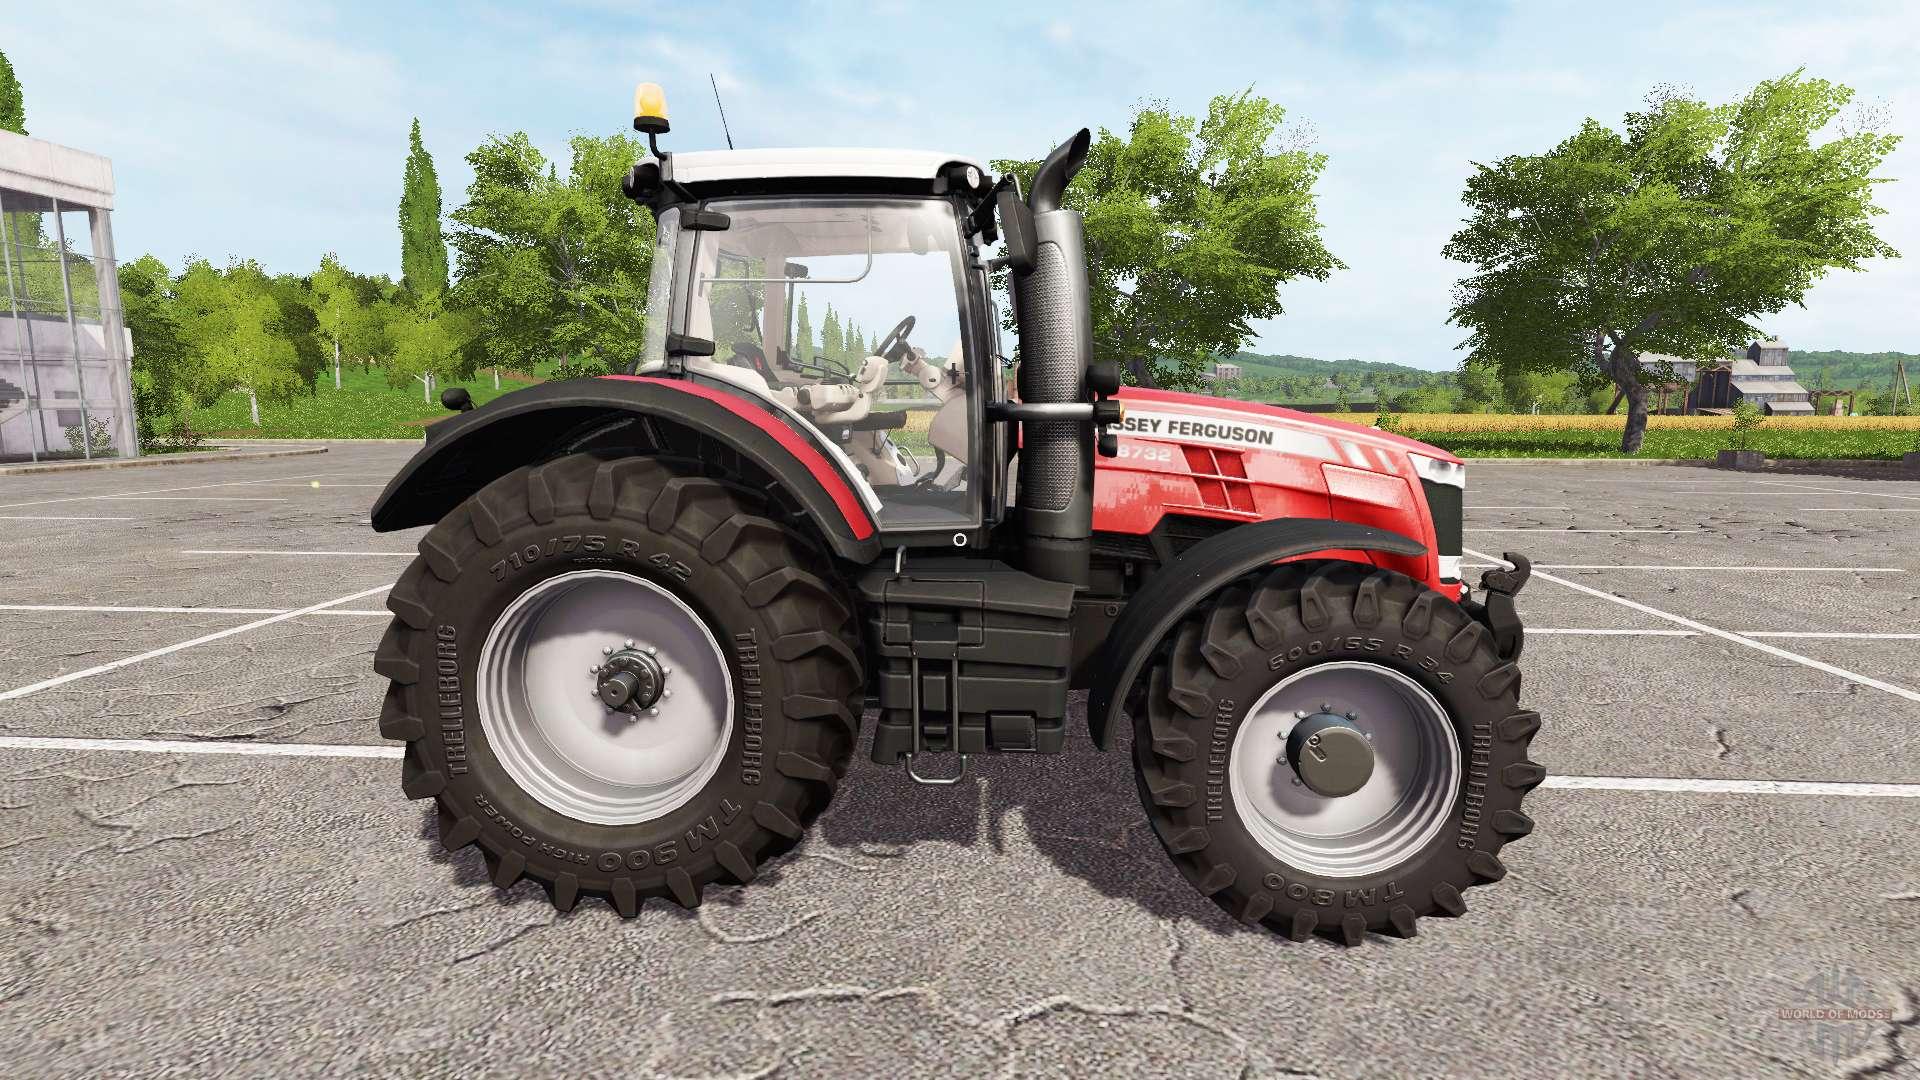 АТЗ жив и выпускает новые тракторы! Завод Гусеничных Машин.